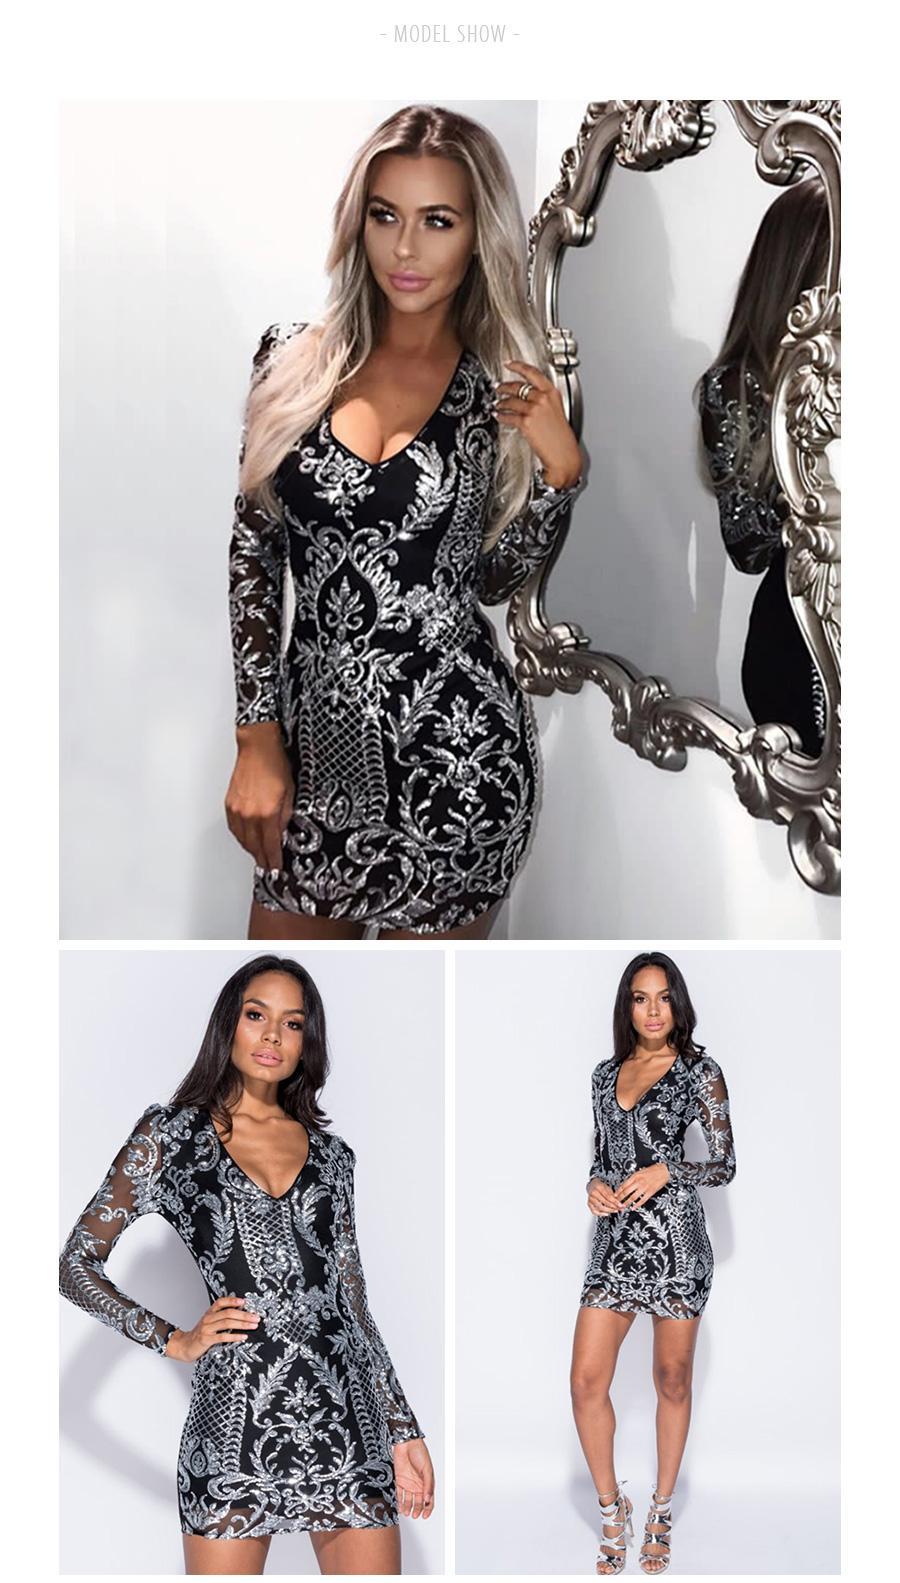 Colysmo sexy lantejoula dress preto prata bodycon party dress manga comprida vestido de inverno mulheres vestidos de natal vestido de festa novo